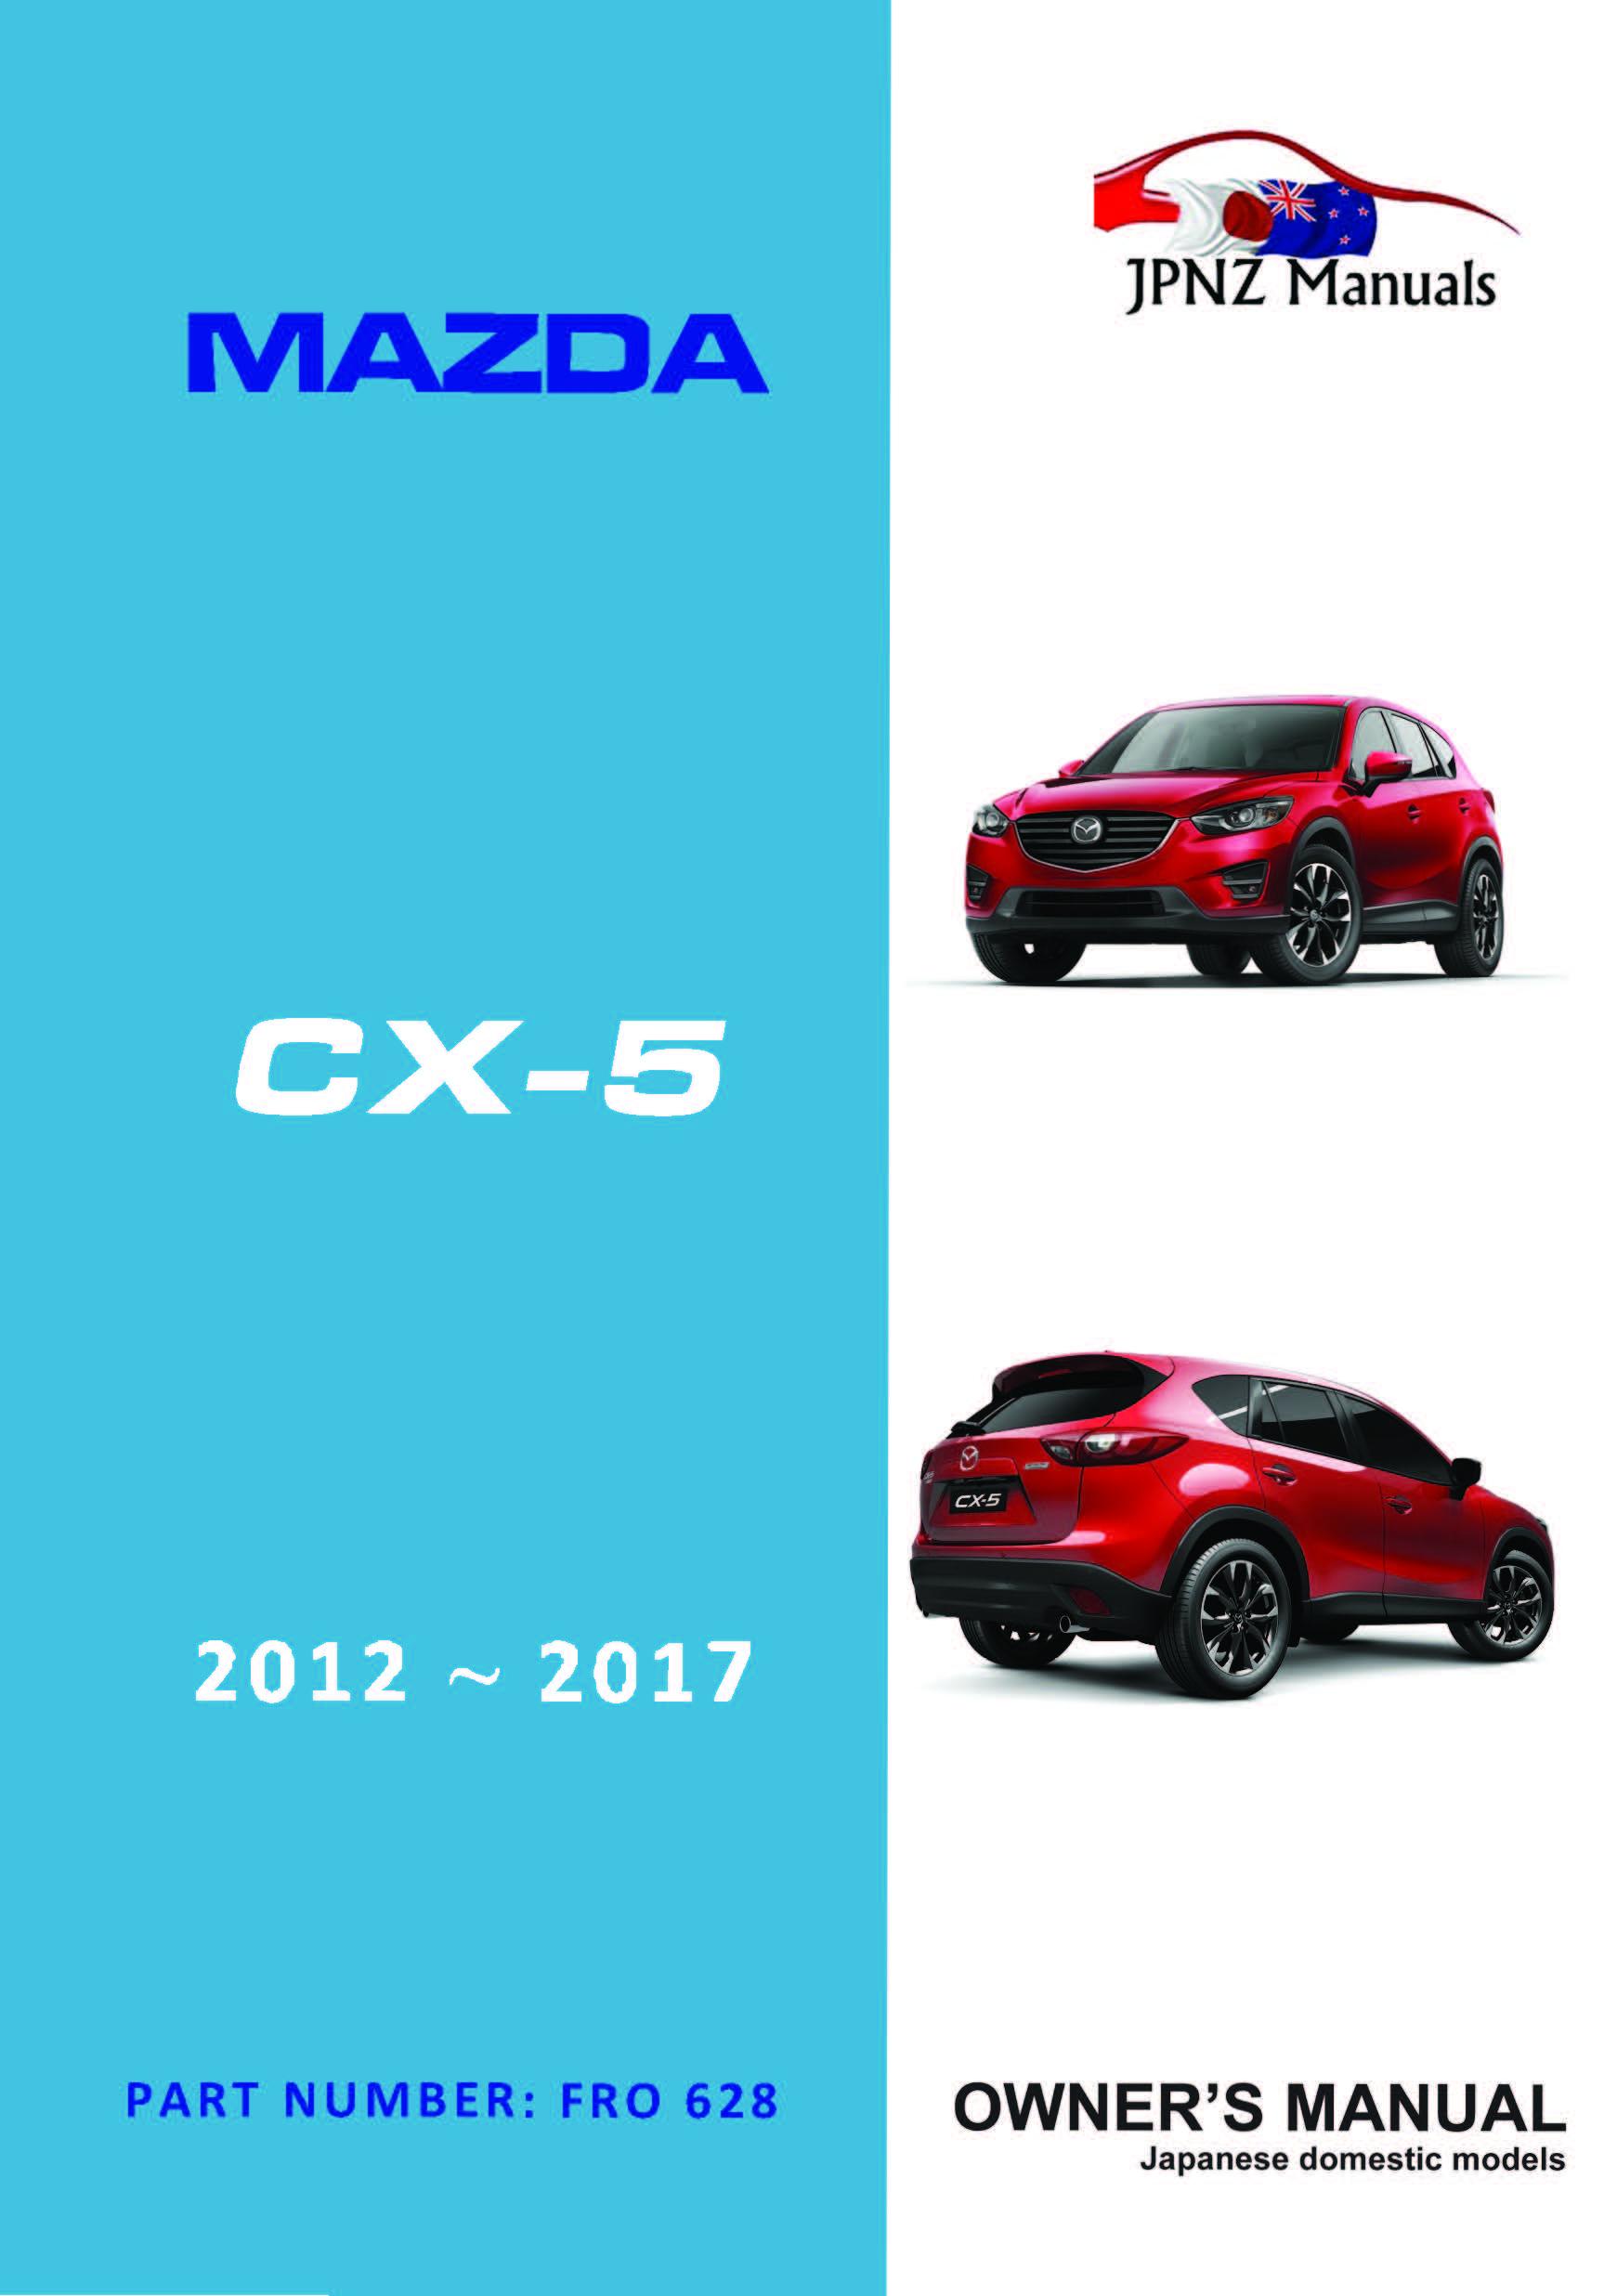 mazda cx 5 cx5 car owners manual 2012 2017 jpnz new rh jpnz co nz mazda cx 5 user manual pdf mazda cx 5 owners manual 2014